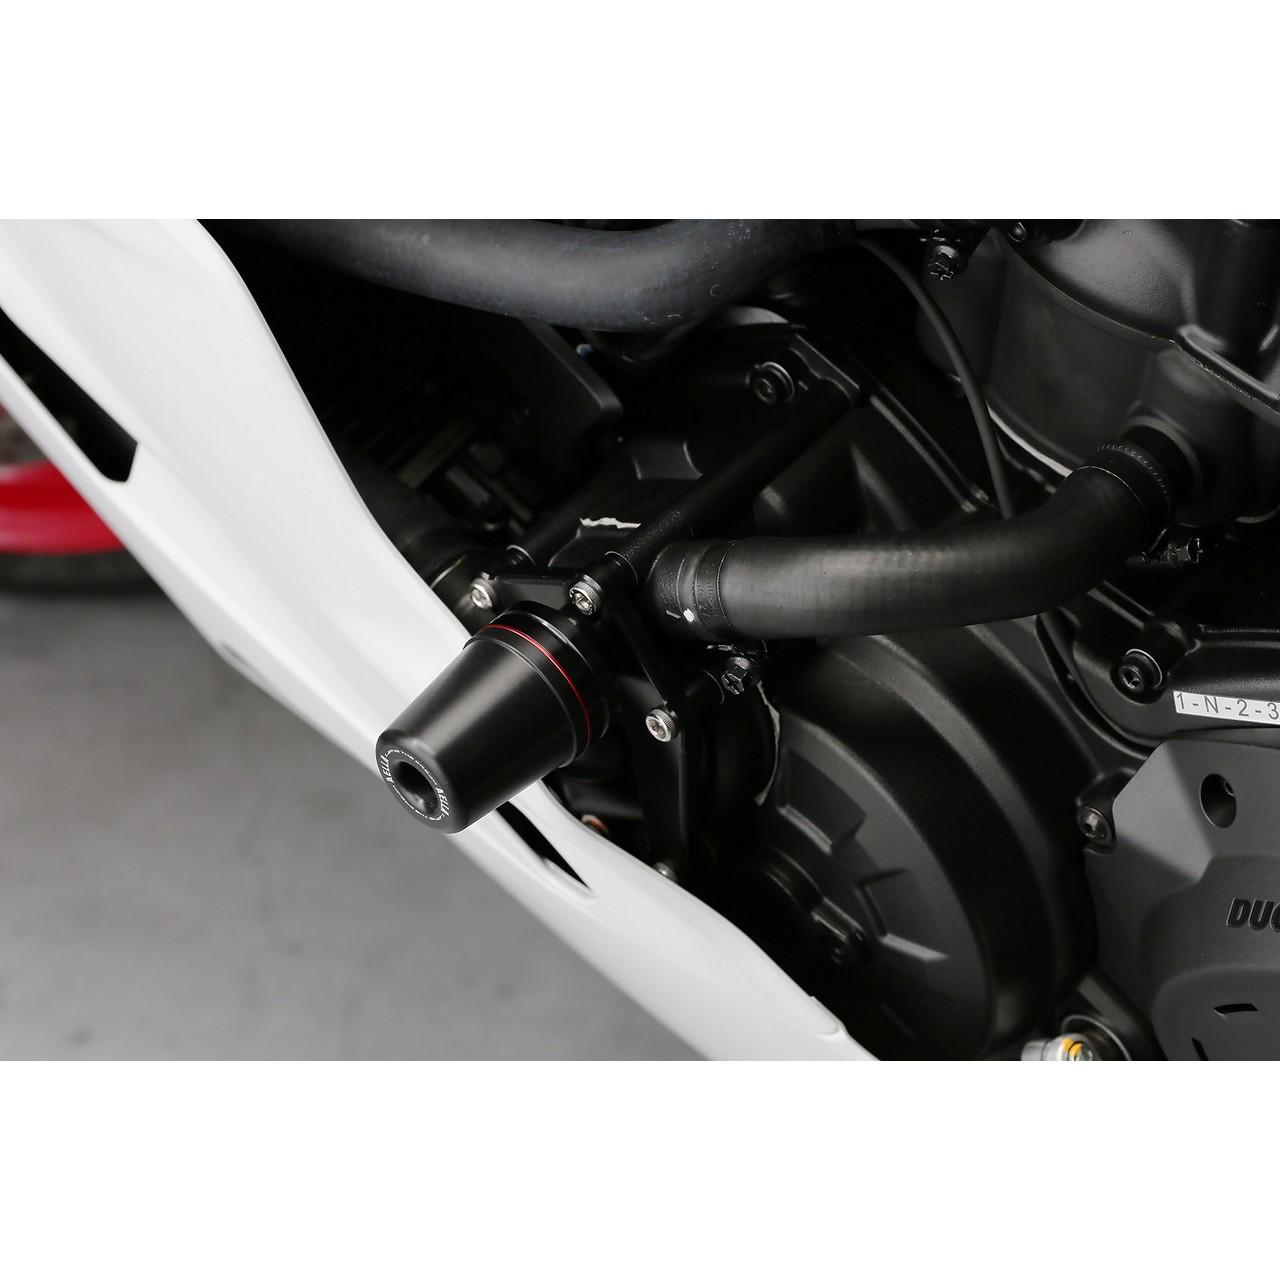 【AELLA】引擎保護滑塊 (防倒球) - 「Webike-摩托百貨」